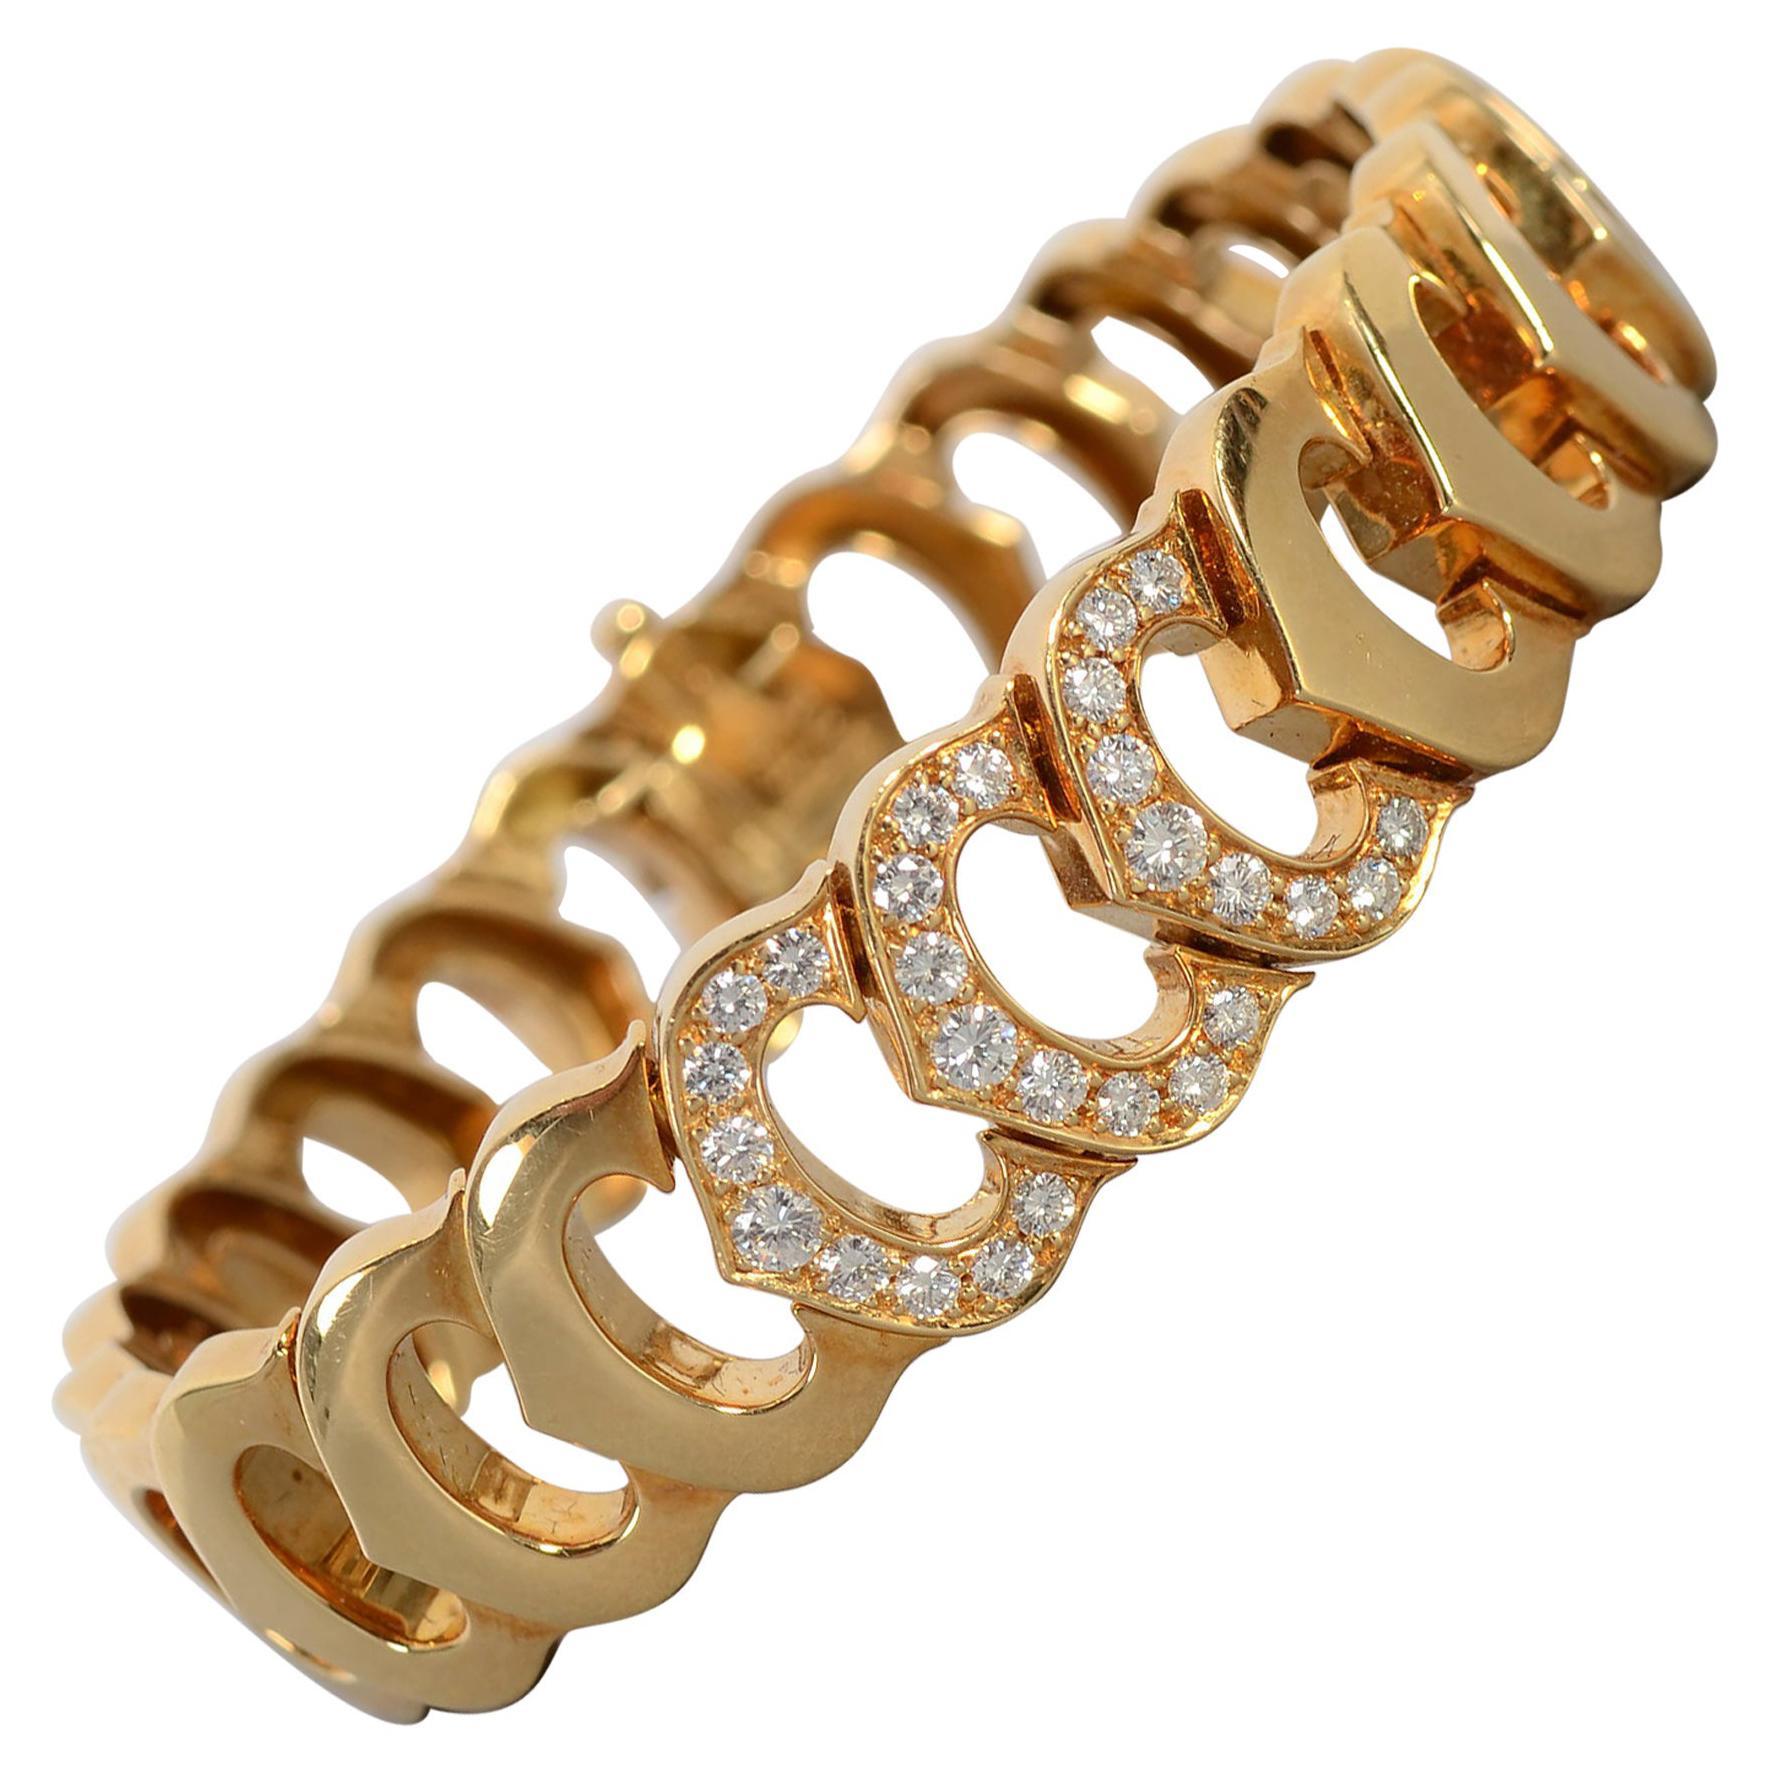 C de Cartier Gold Bracelet with Diamonds